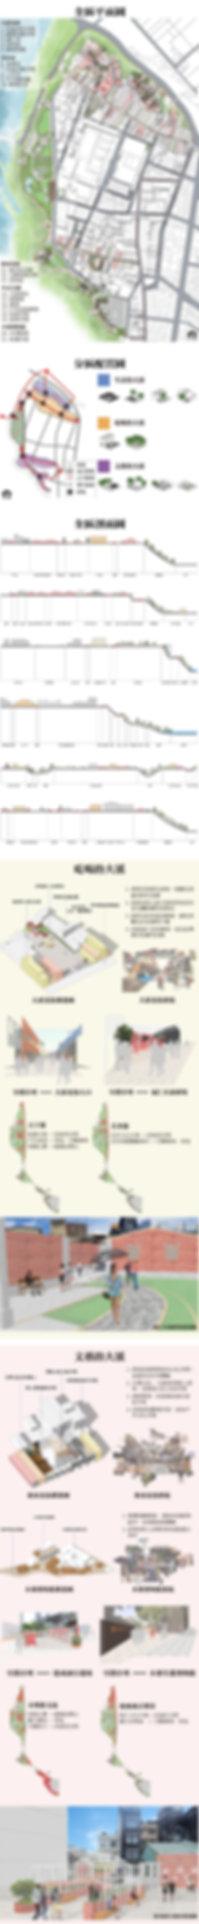 RE·Turn大溪 永續慢城計畫-作品內容1-02.jpg